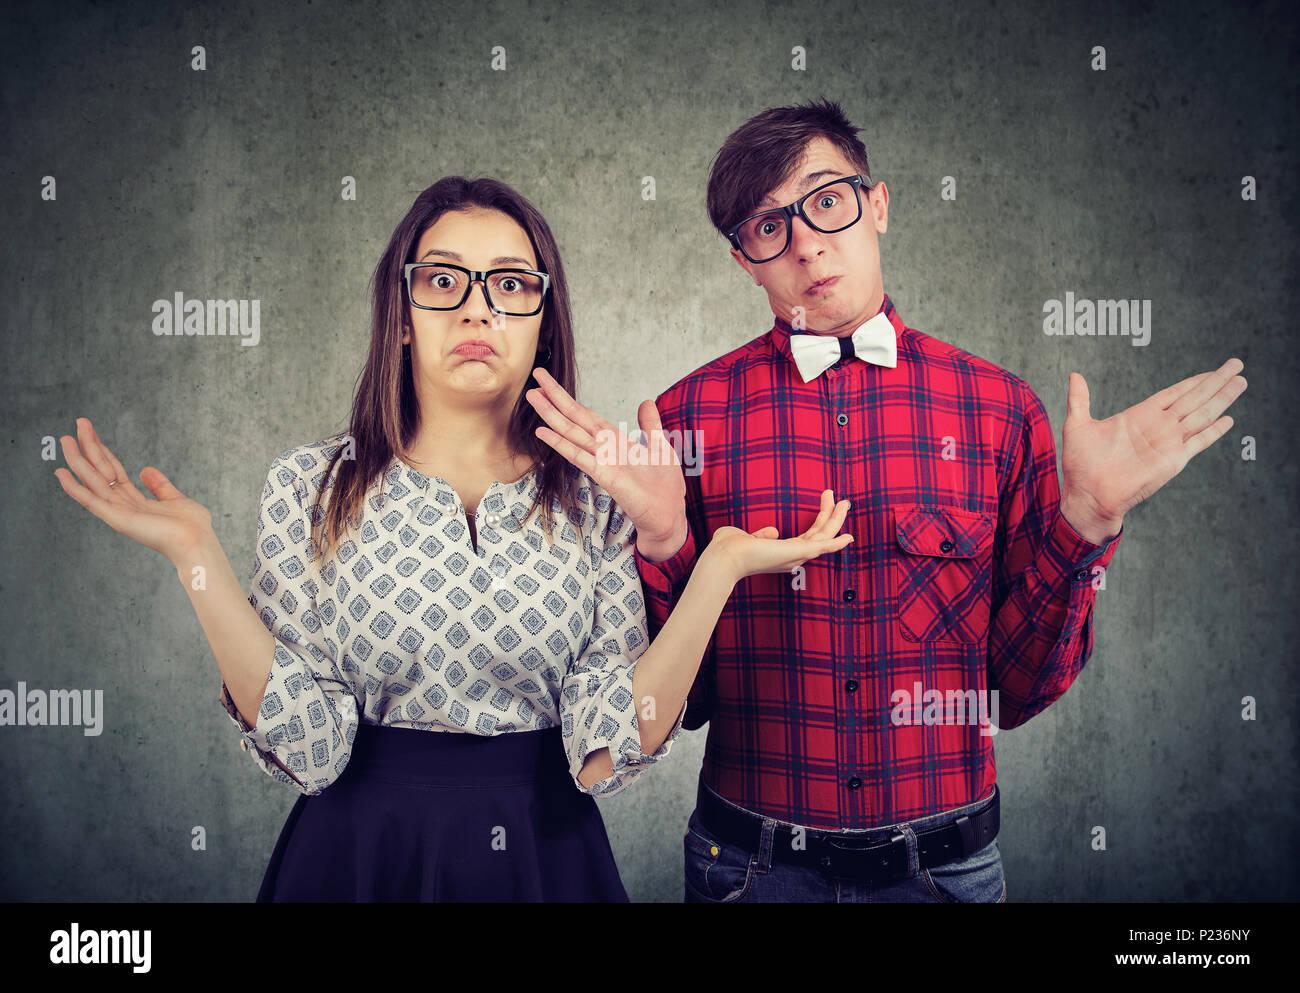 Junge elegante Paar in Gläser suchen clueless und zucken mit den Schultern an Kamera schaut. Stockfoto